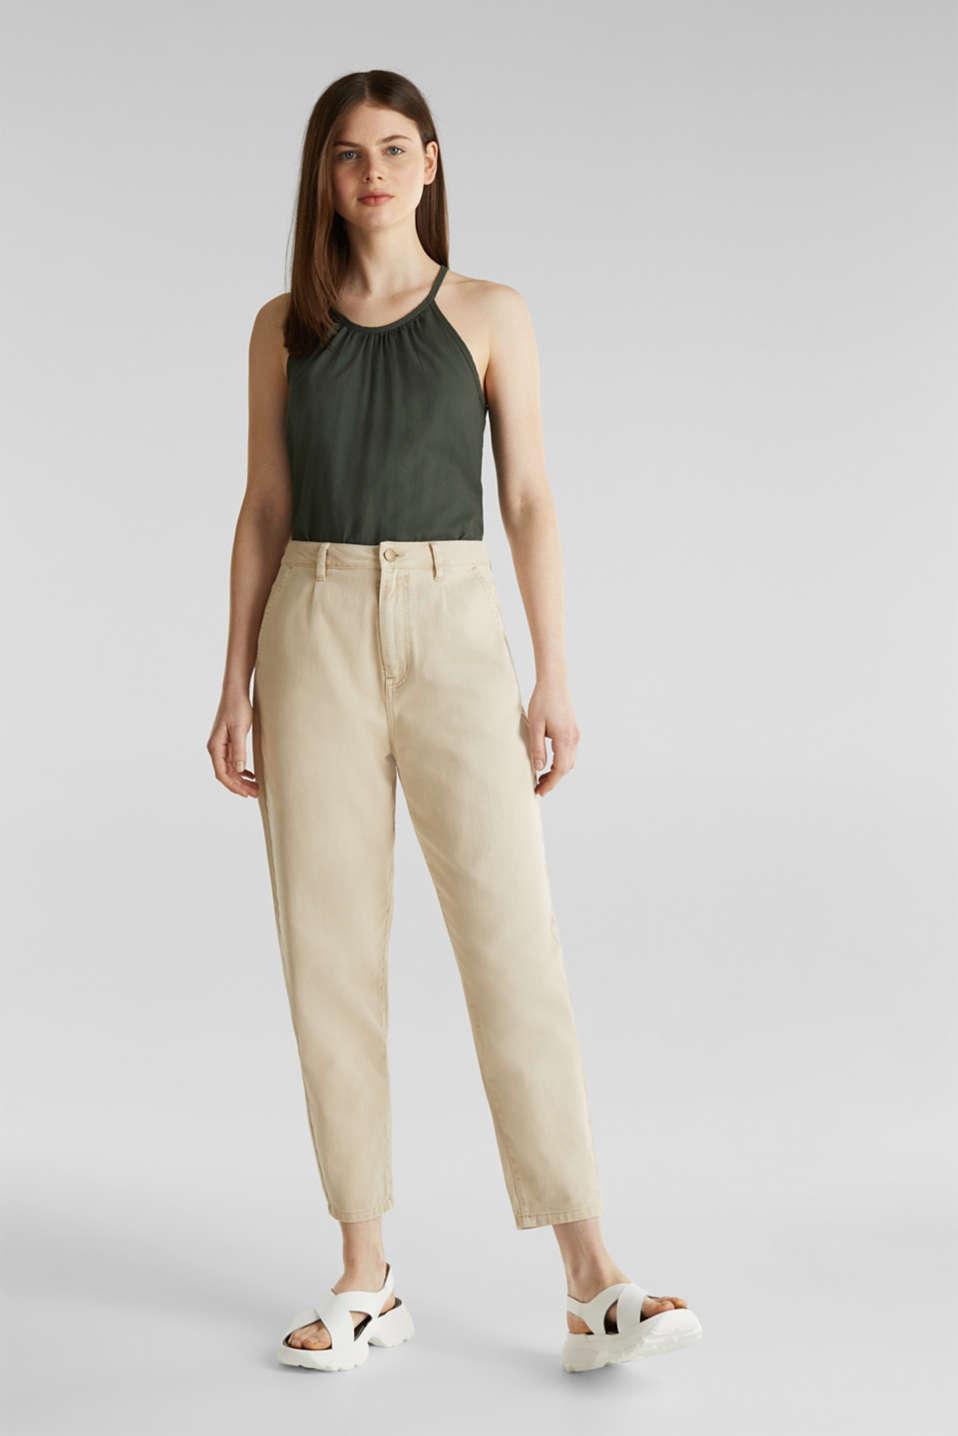 Blouse top, organic cotton, KHAKI GREEN, detail image number 1